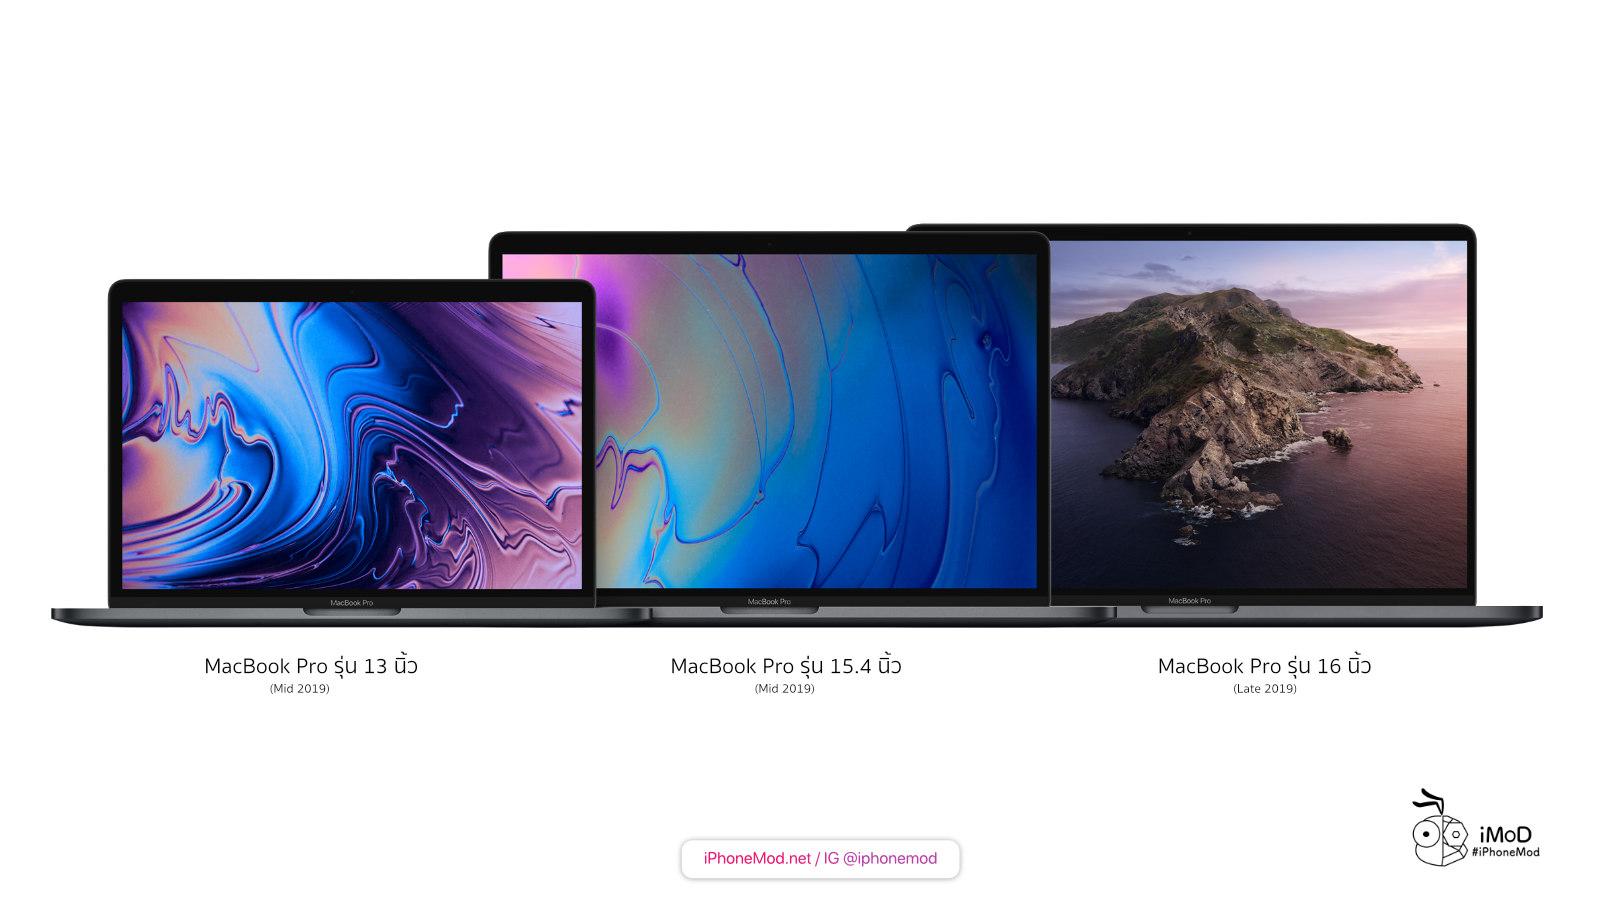 Macbook Pro 13 15.4 16 Inch